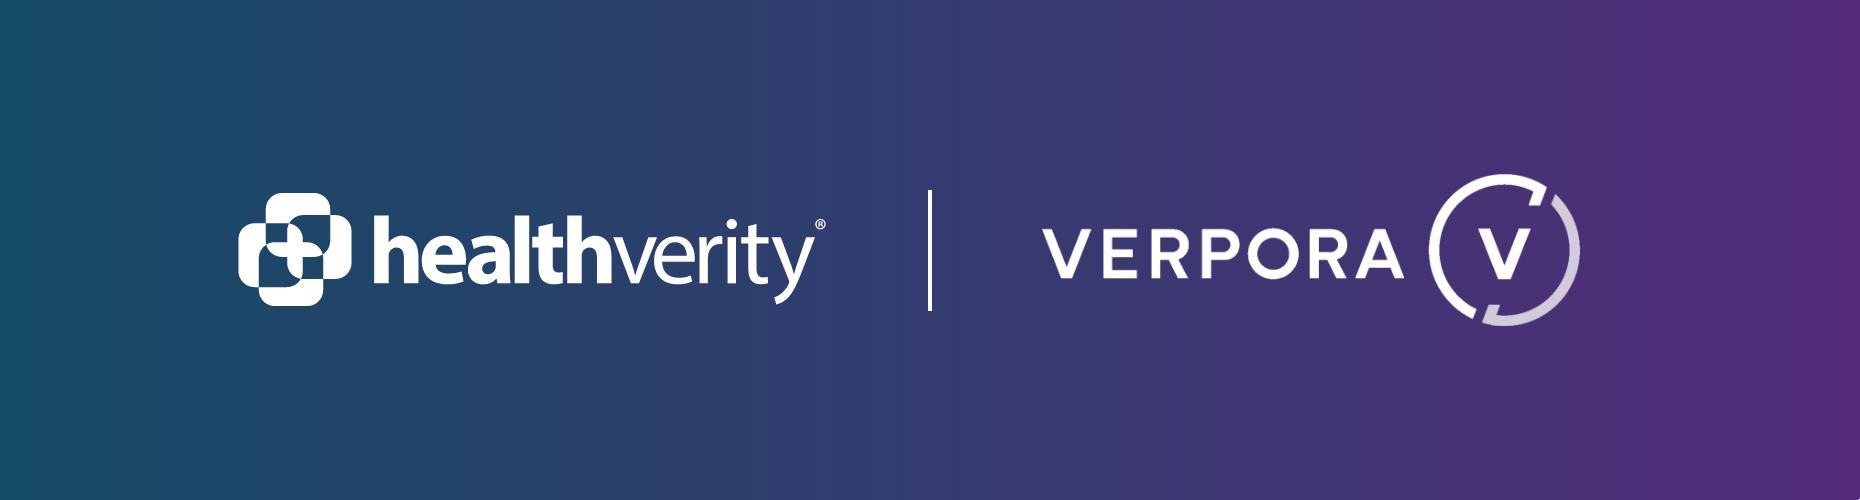 Webinar recap: VBA 2.0 for the next era